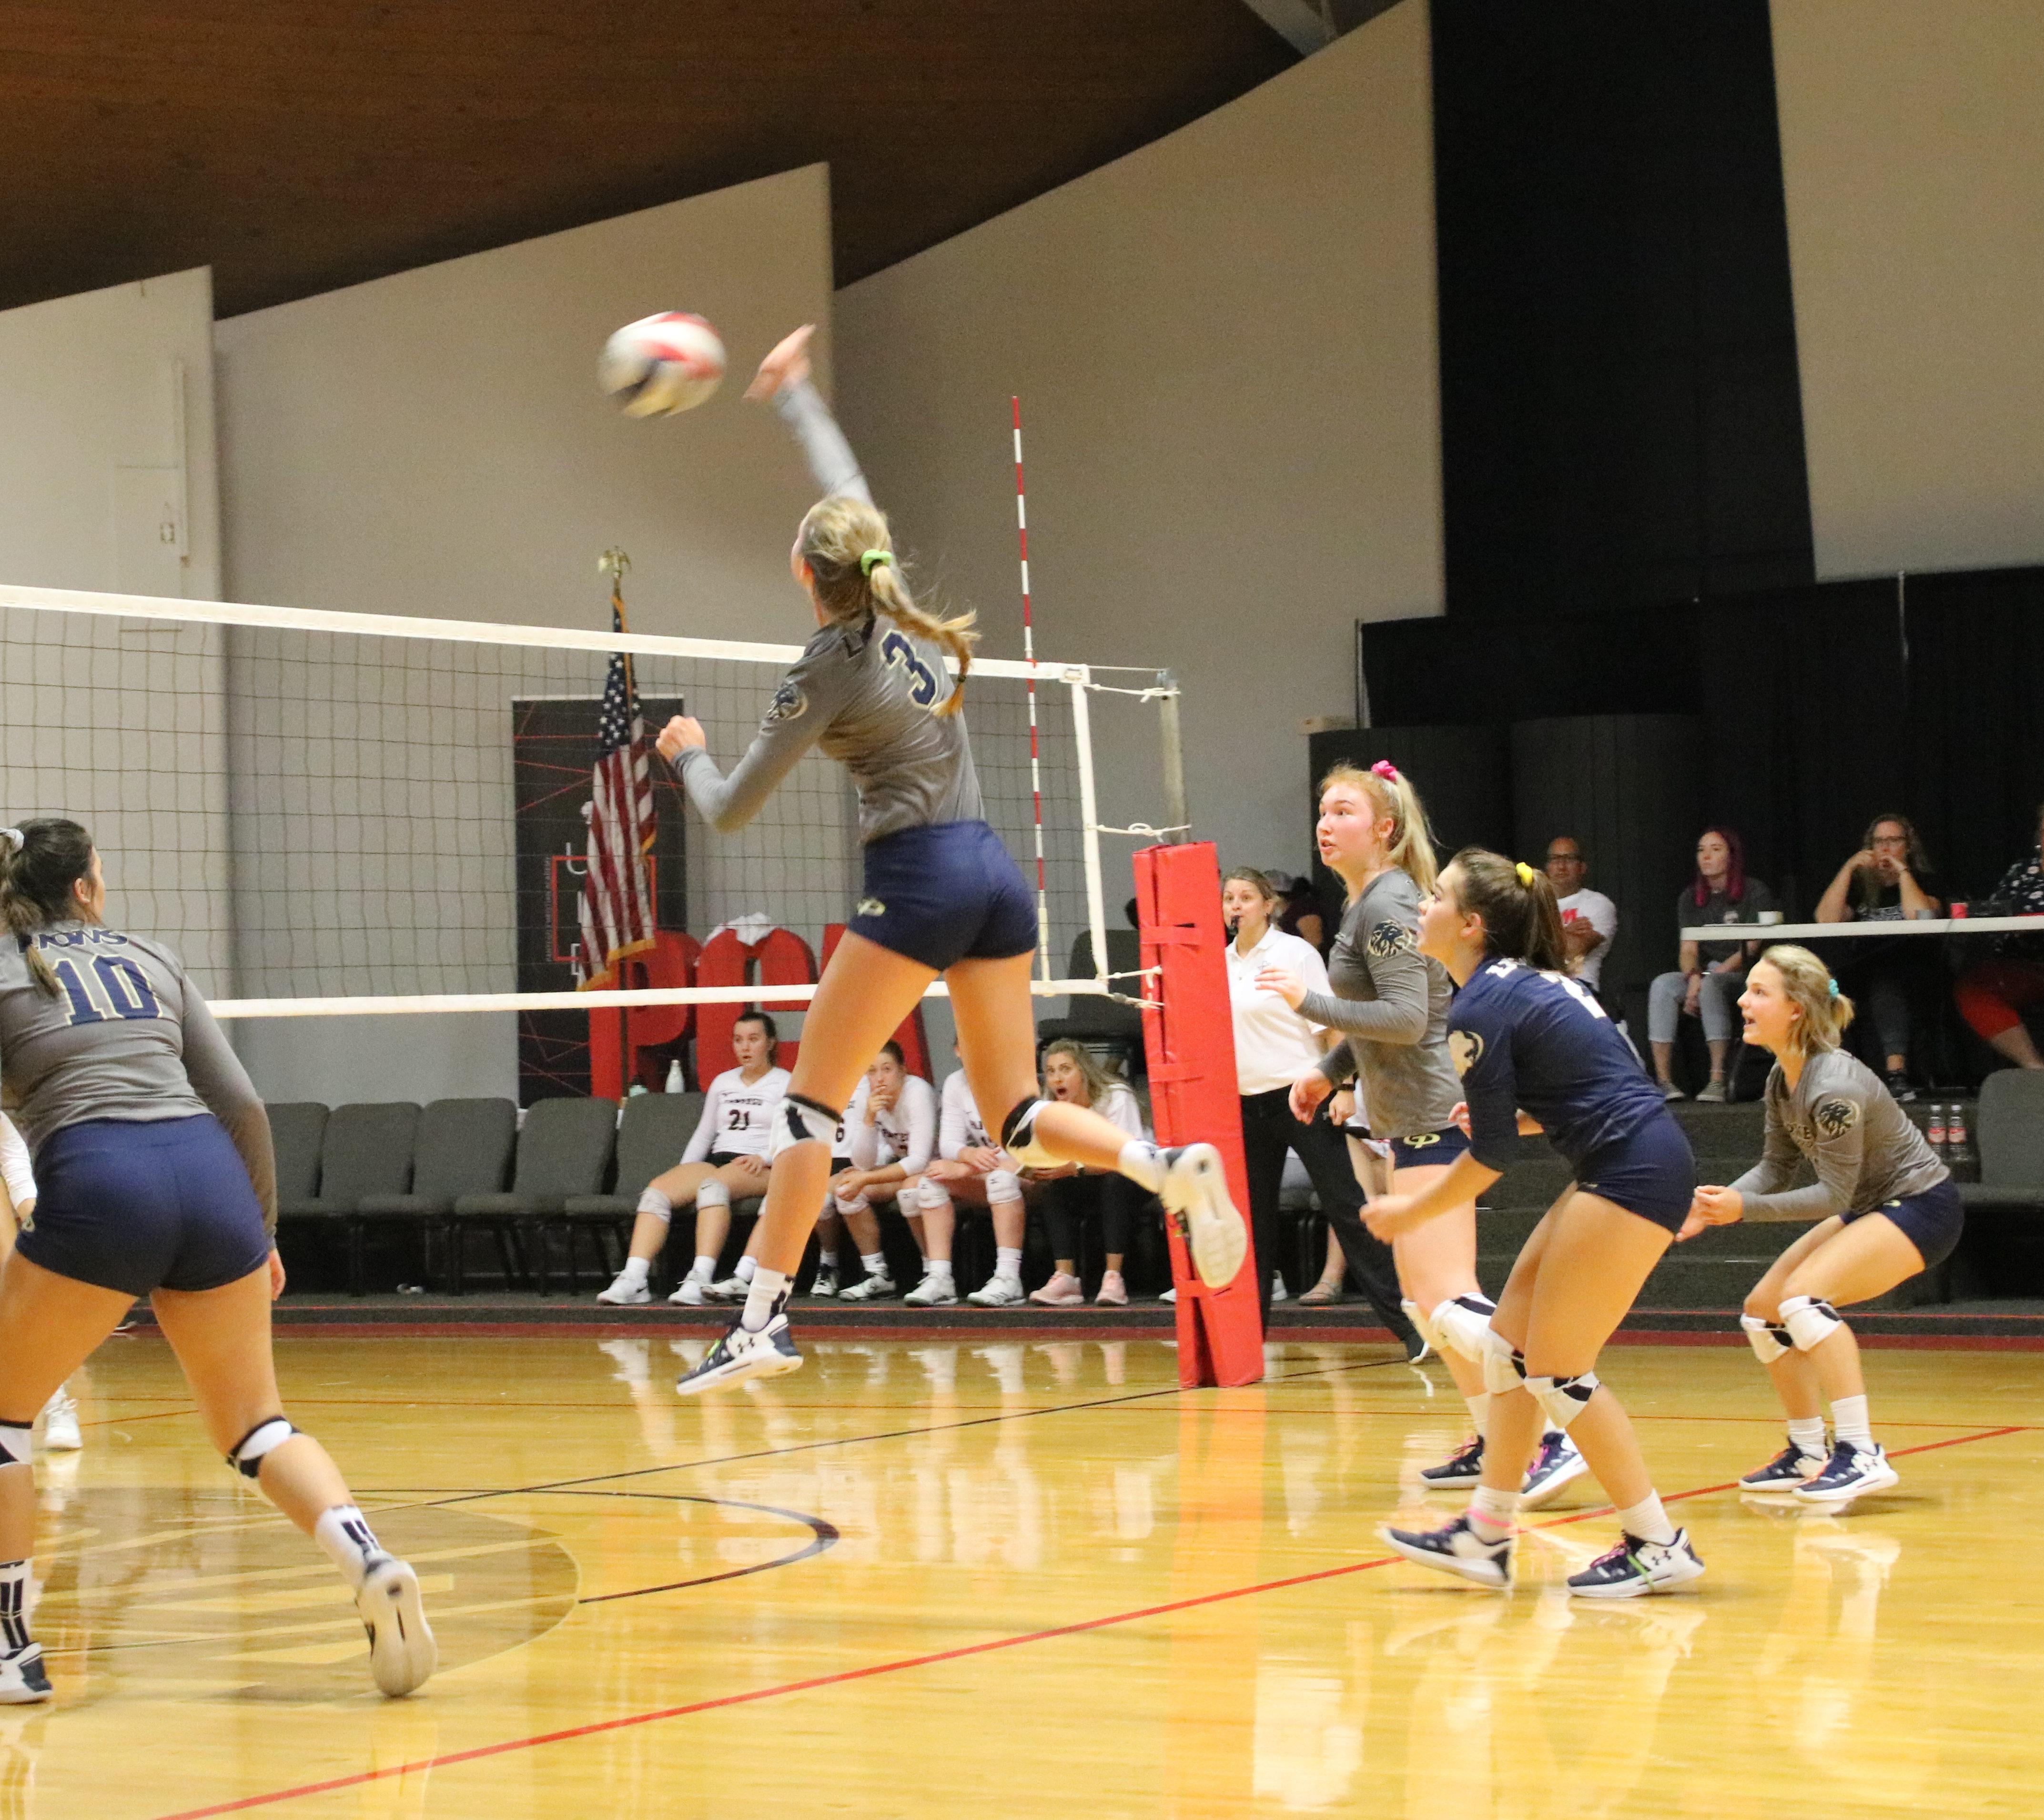 Varsity Volleyball Takes on Prestonwood Christian Tonight